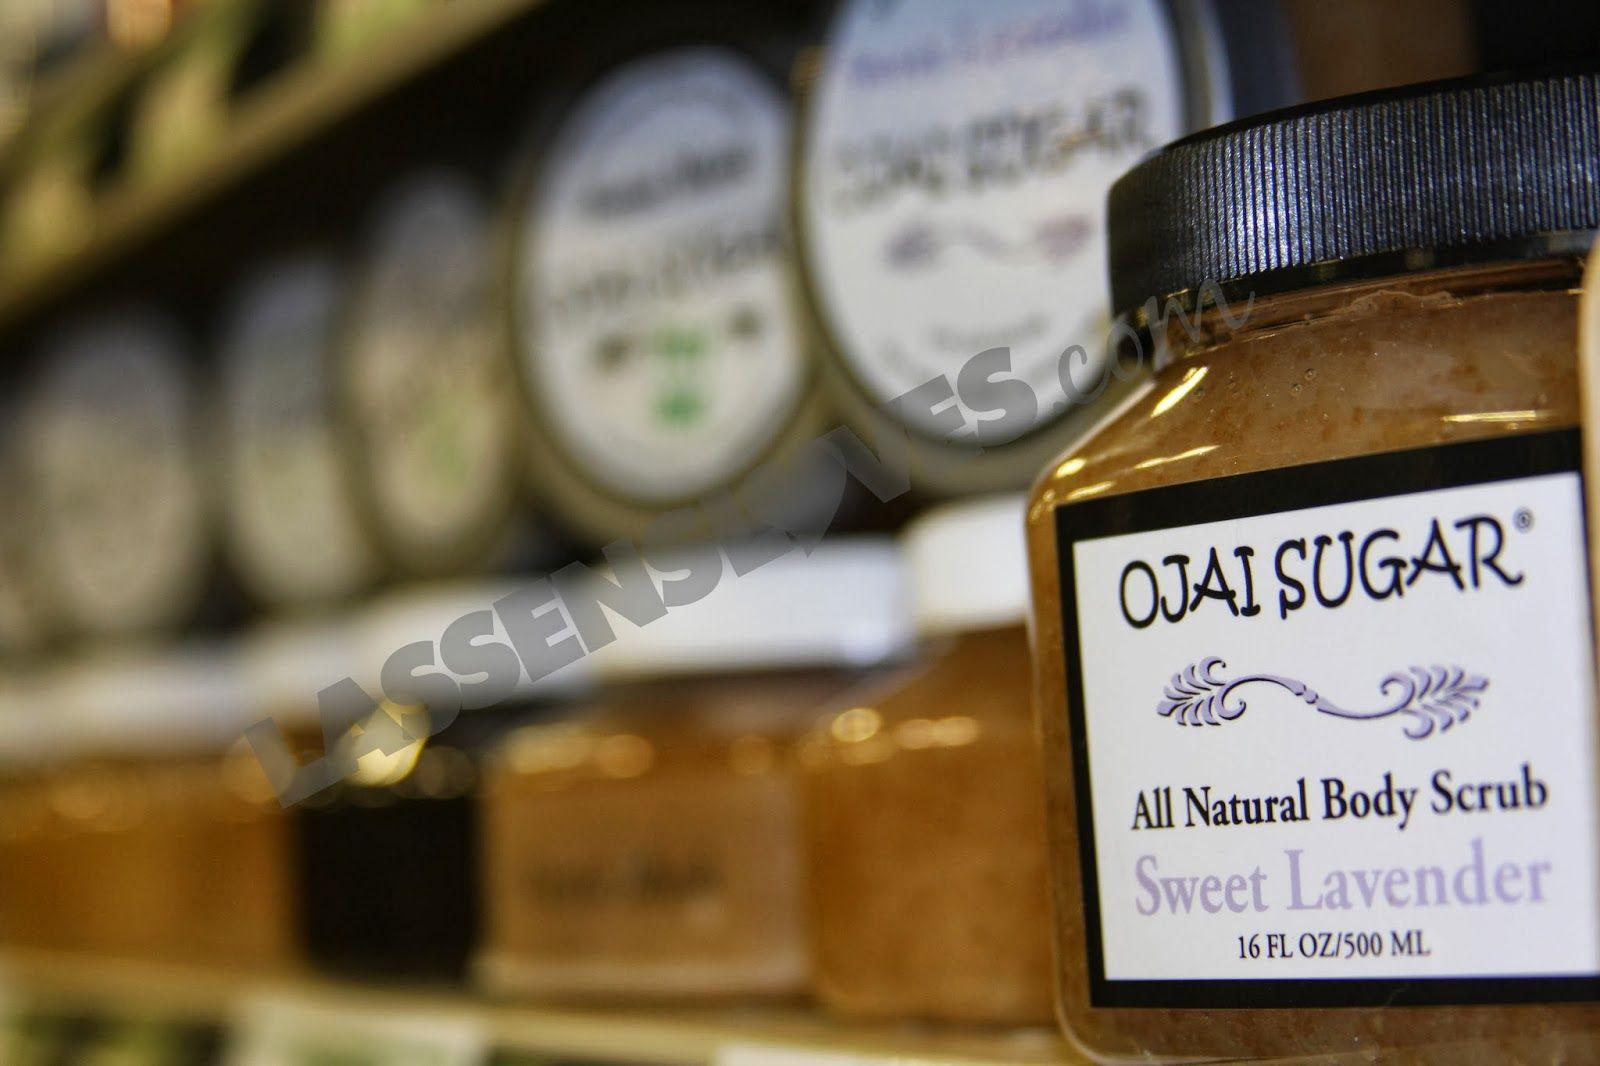 Focus on localojai sugar all natural scrubs natural